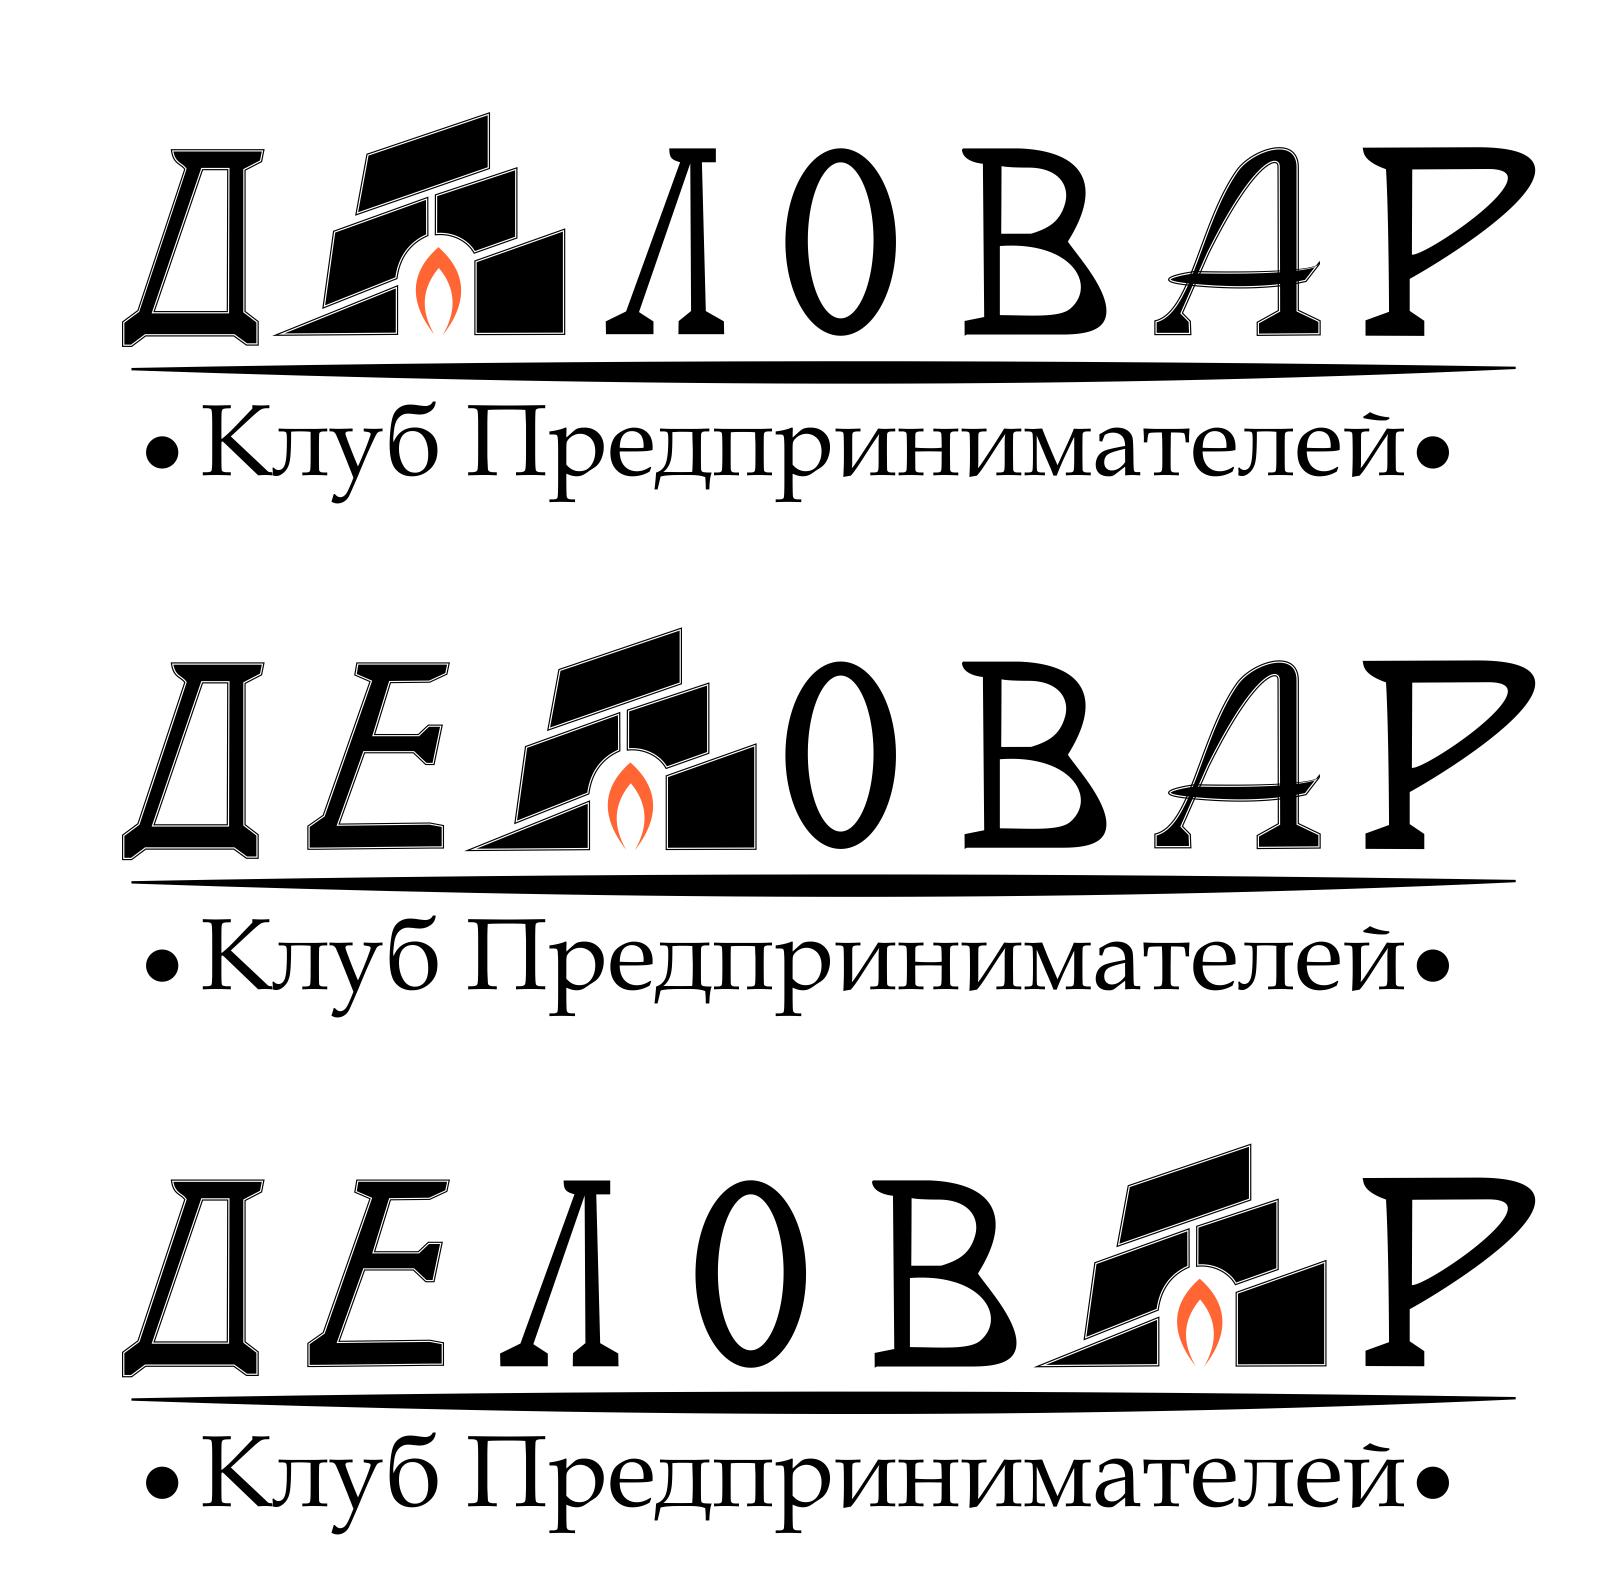 """Логотип и фирм. стиль для Клуба предпринимателей """"Деловар"""" фото f_5049fedbb61f5.png"""